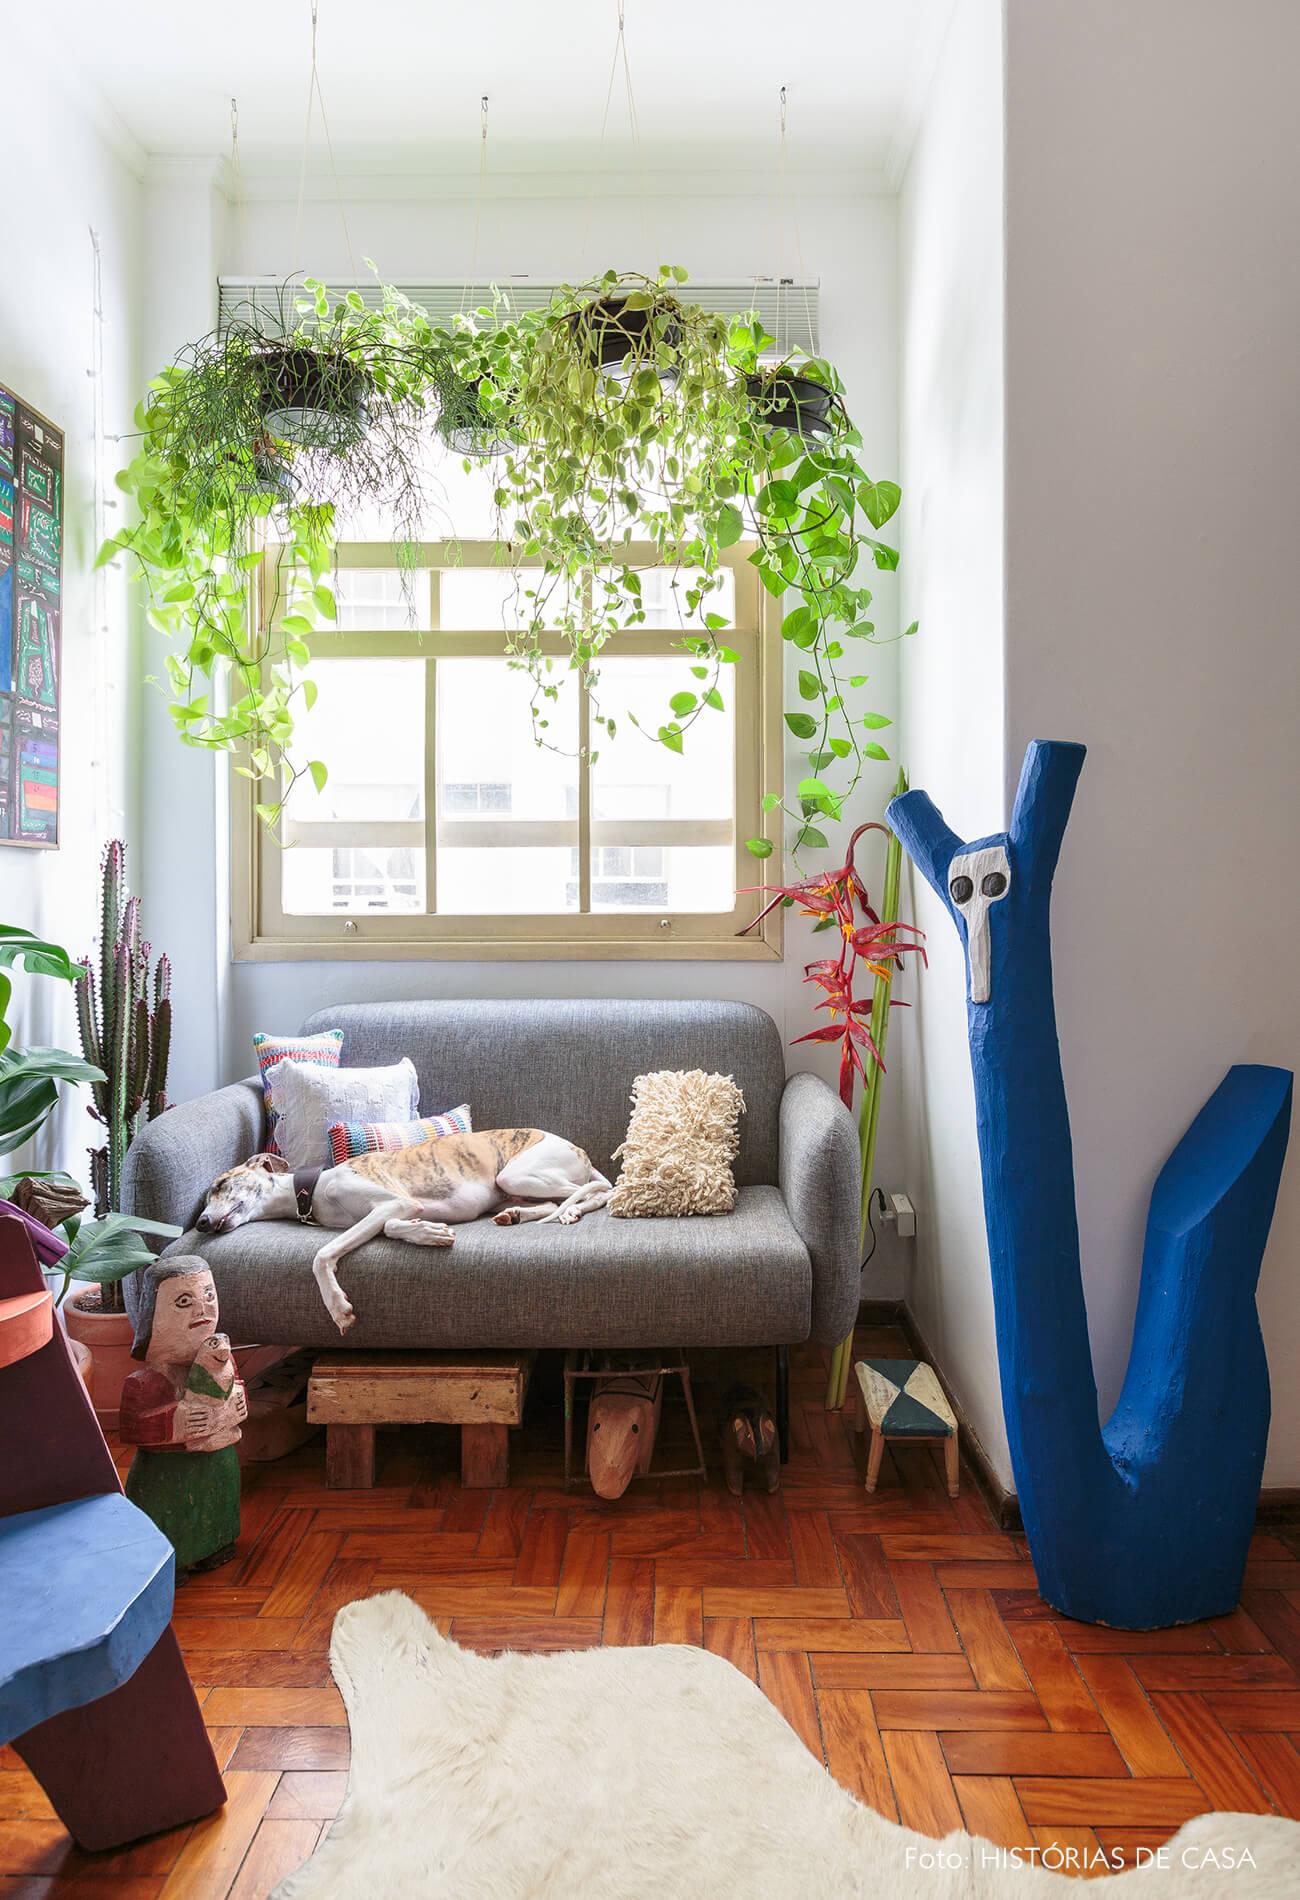 decoração com plantas e objetos decorativos de madeira